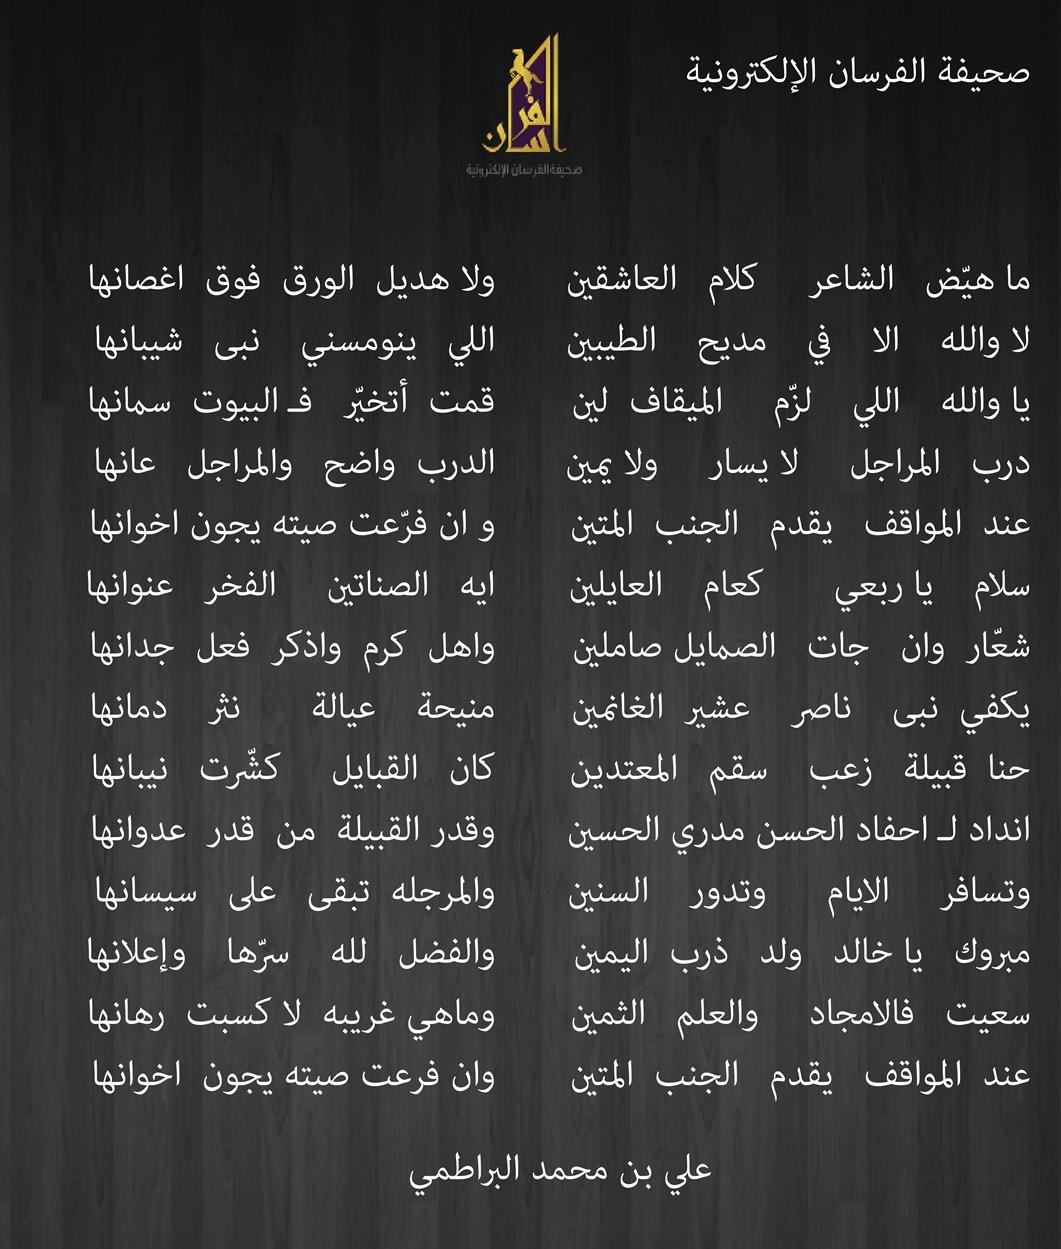 علي محمد 4